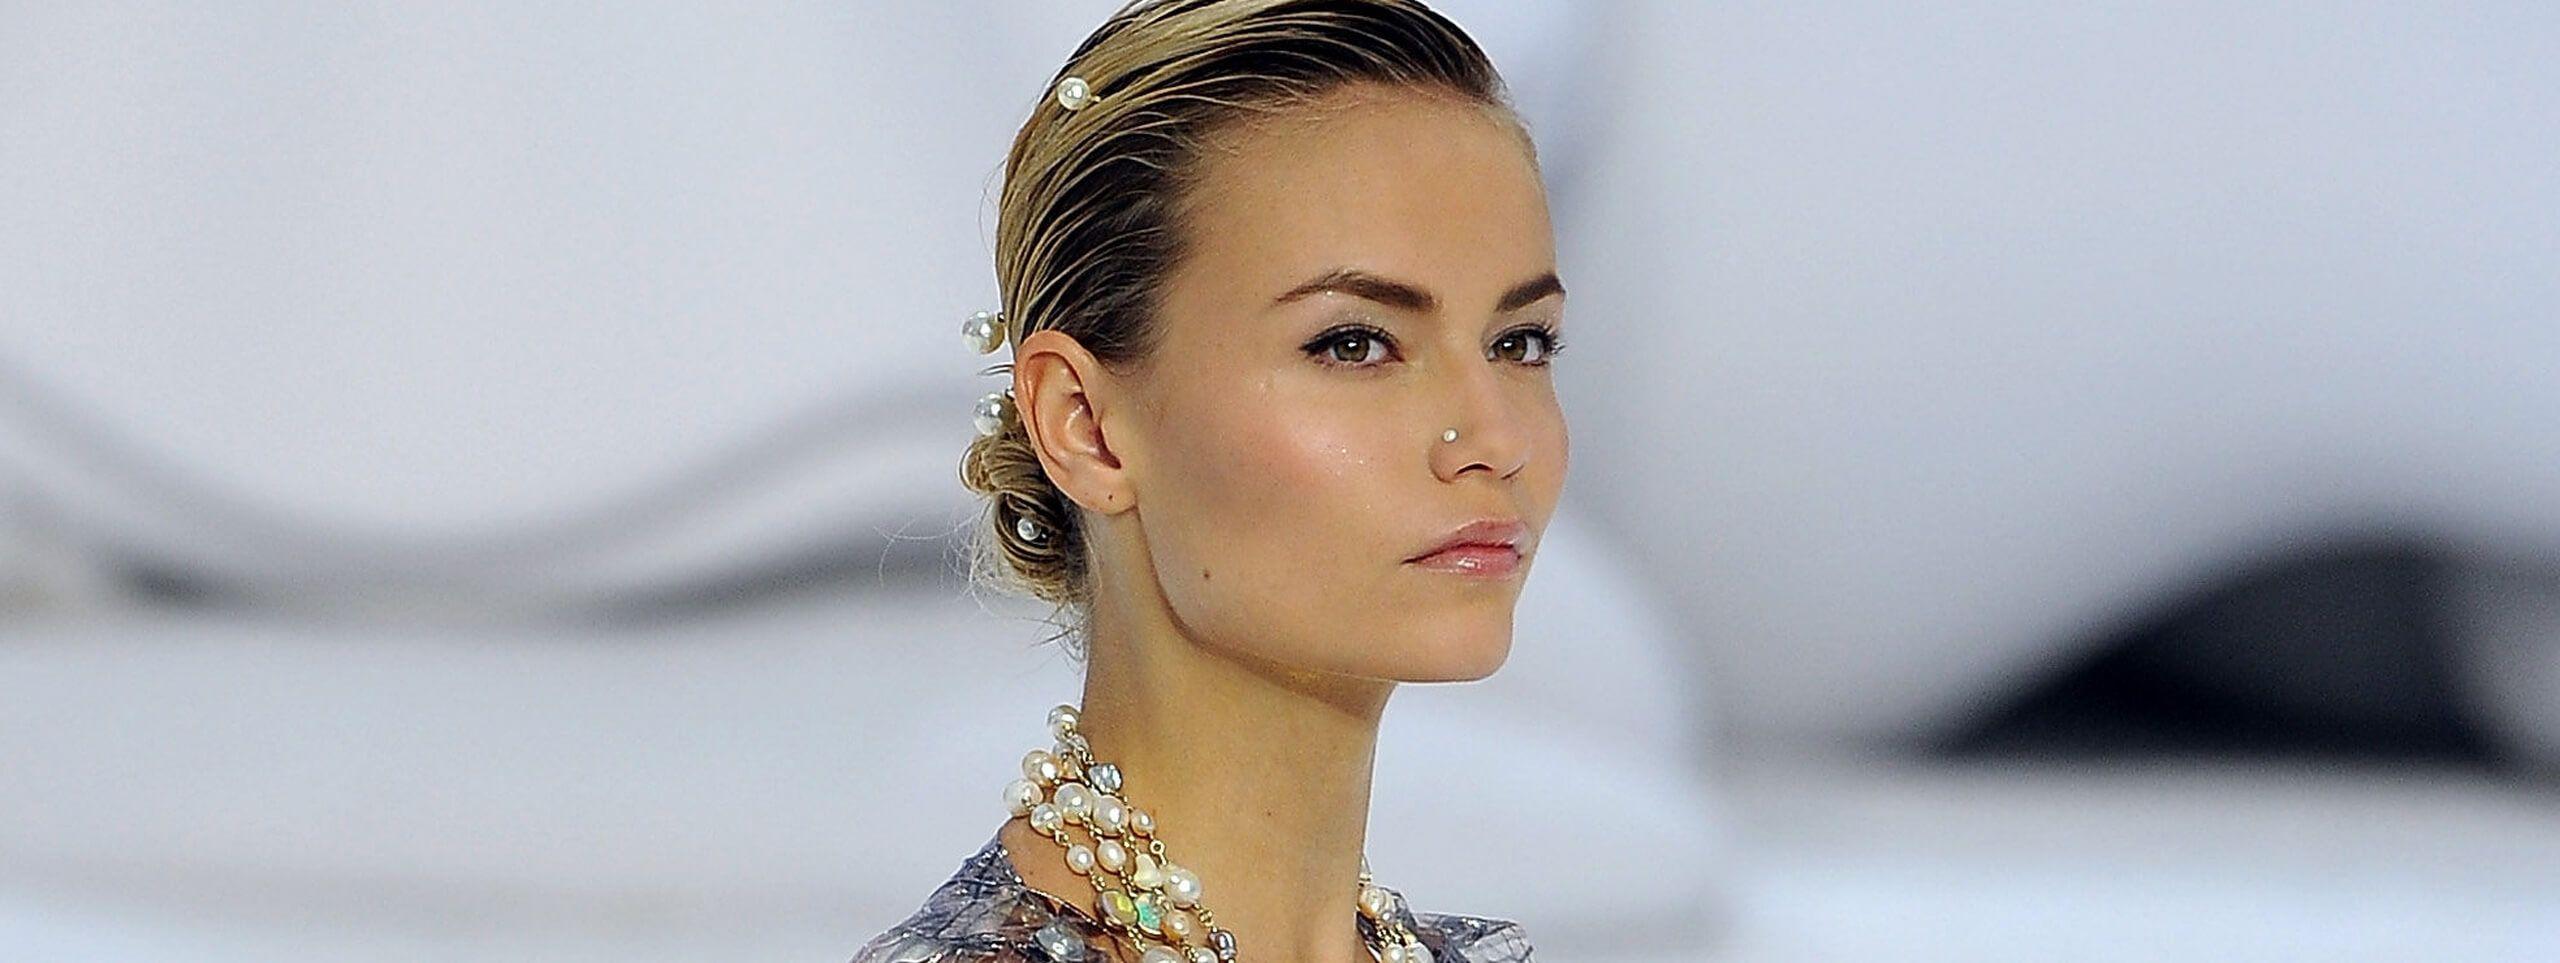 Model wears hair in a low bun, an elegant festive hairstyle